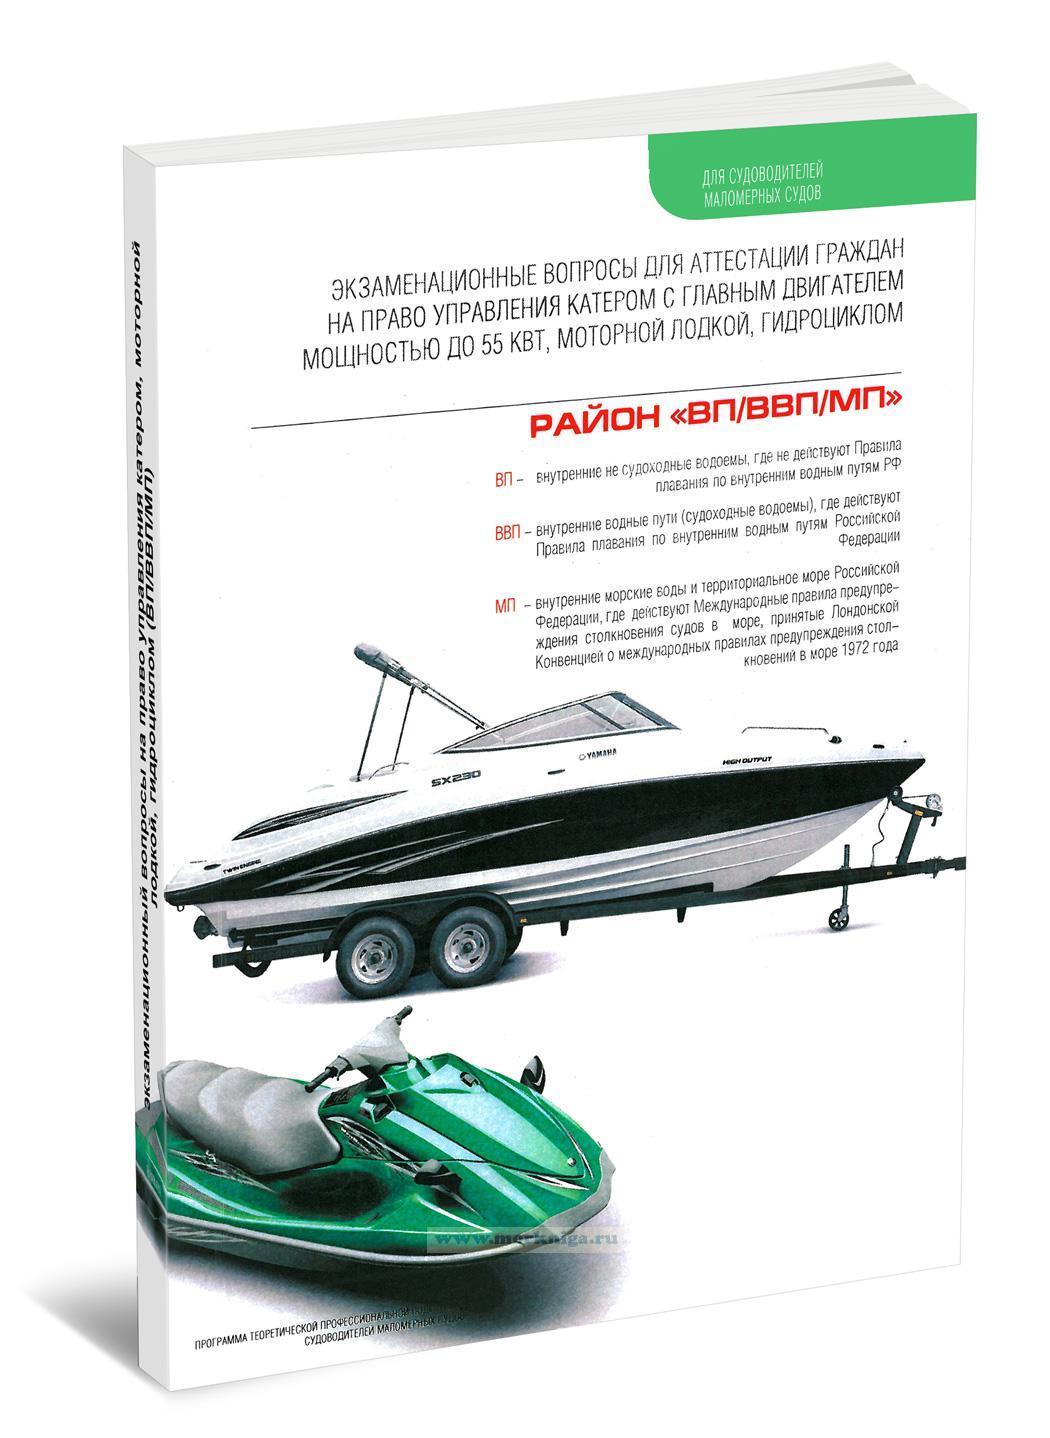 Экзаменационные вопросы для аттестации граждан на право управления катером с главными двигателями мощностью до 55 квт, моторной лодкой и гидроциклом Район